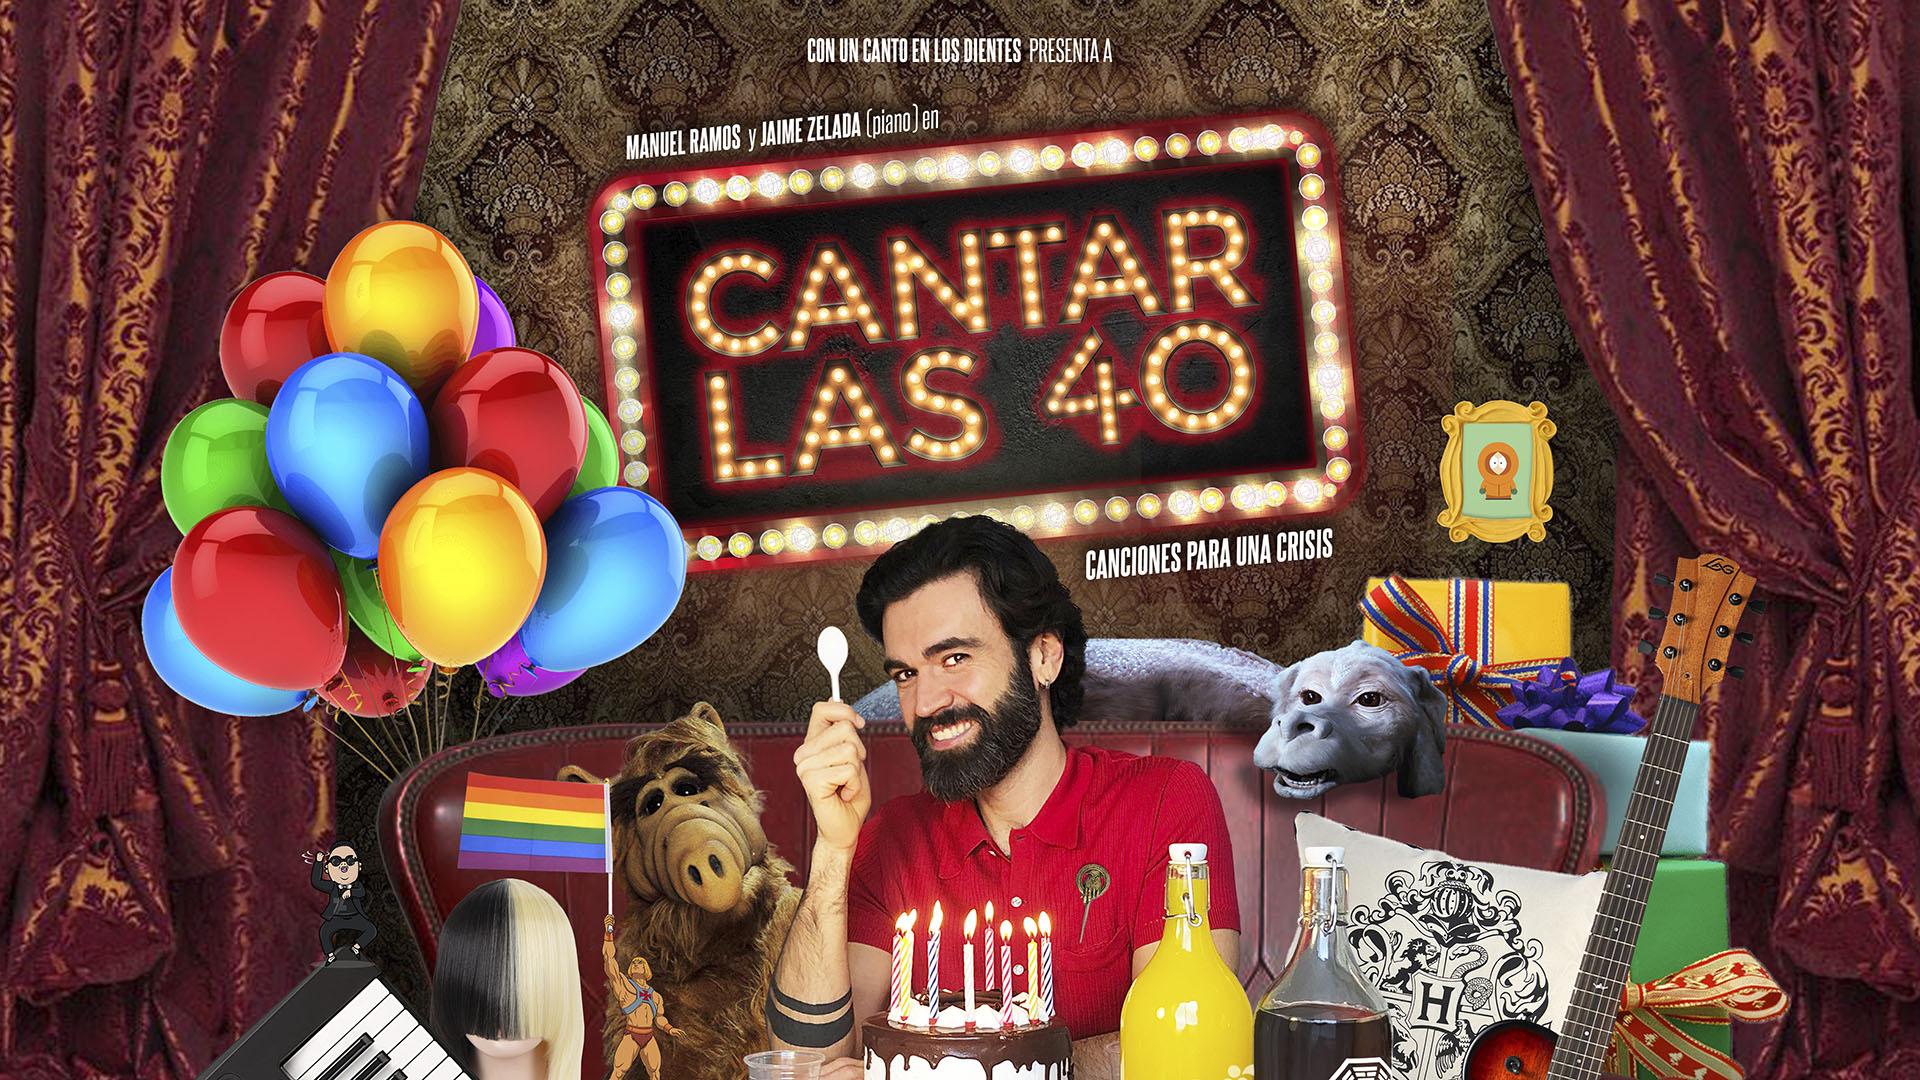 Imagen galeria CANTAR LAS 40